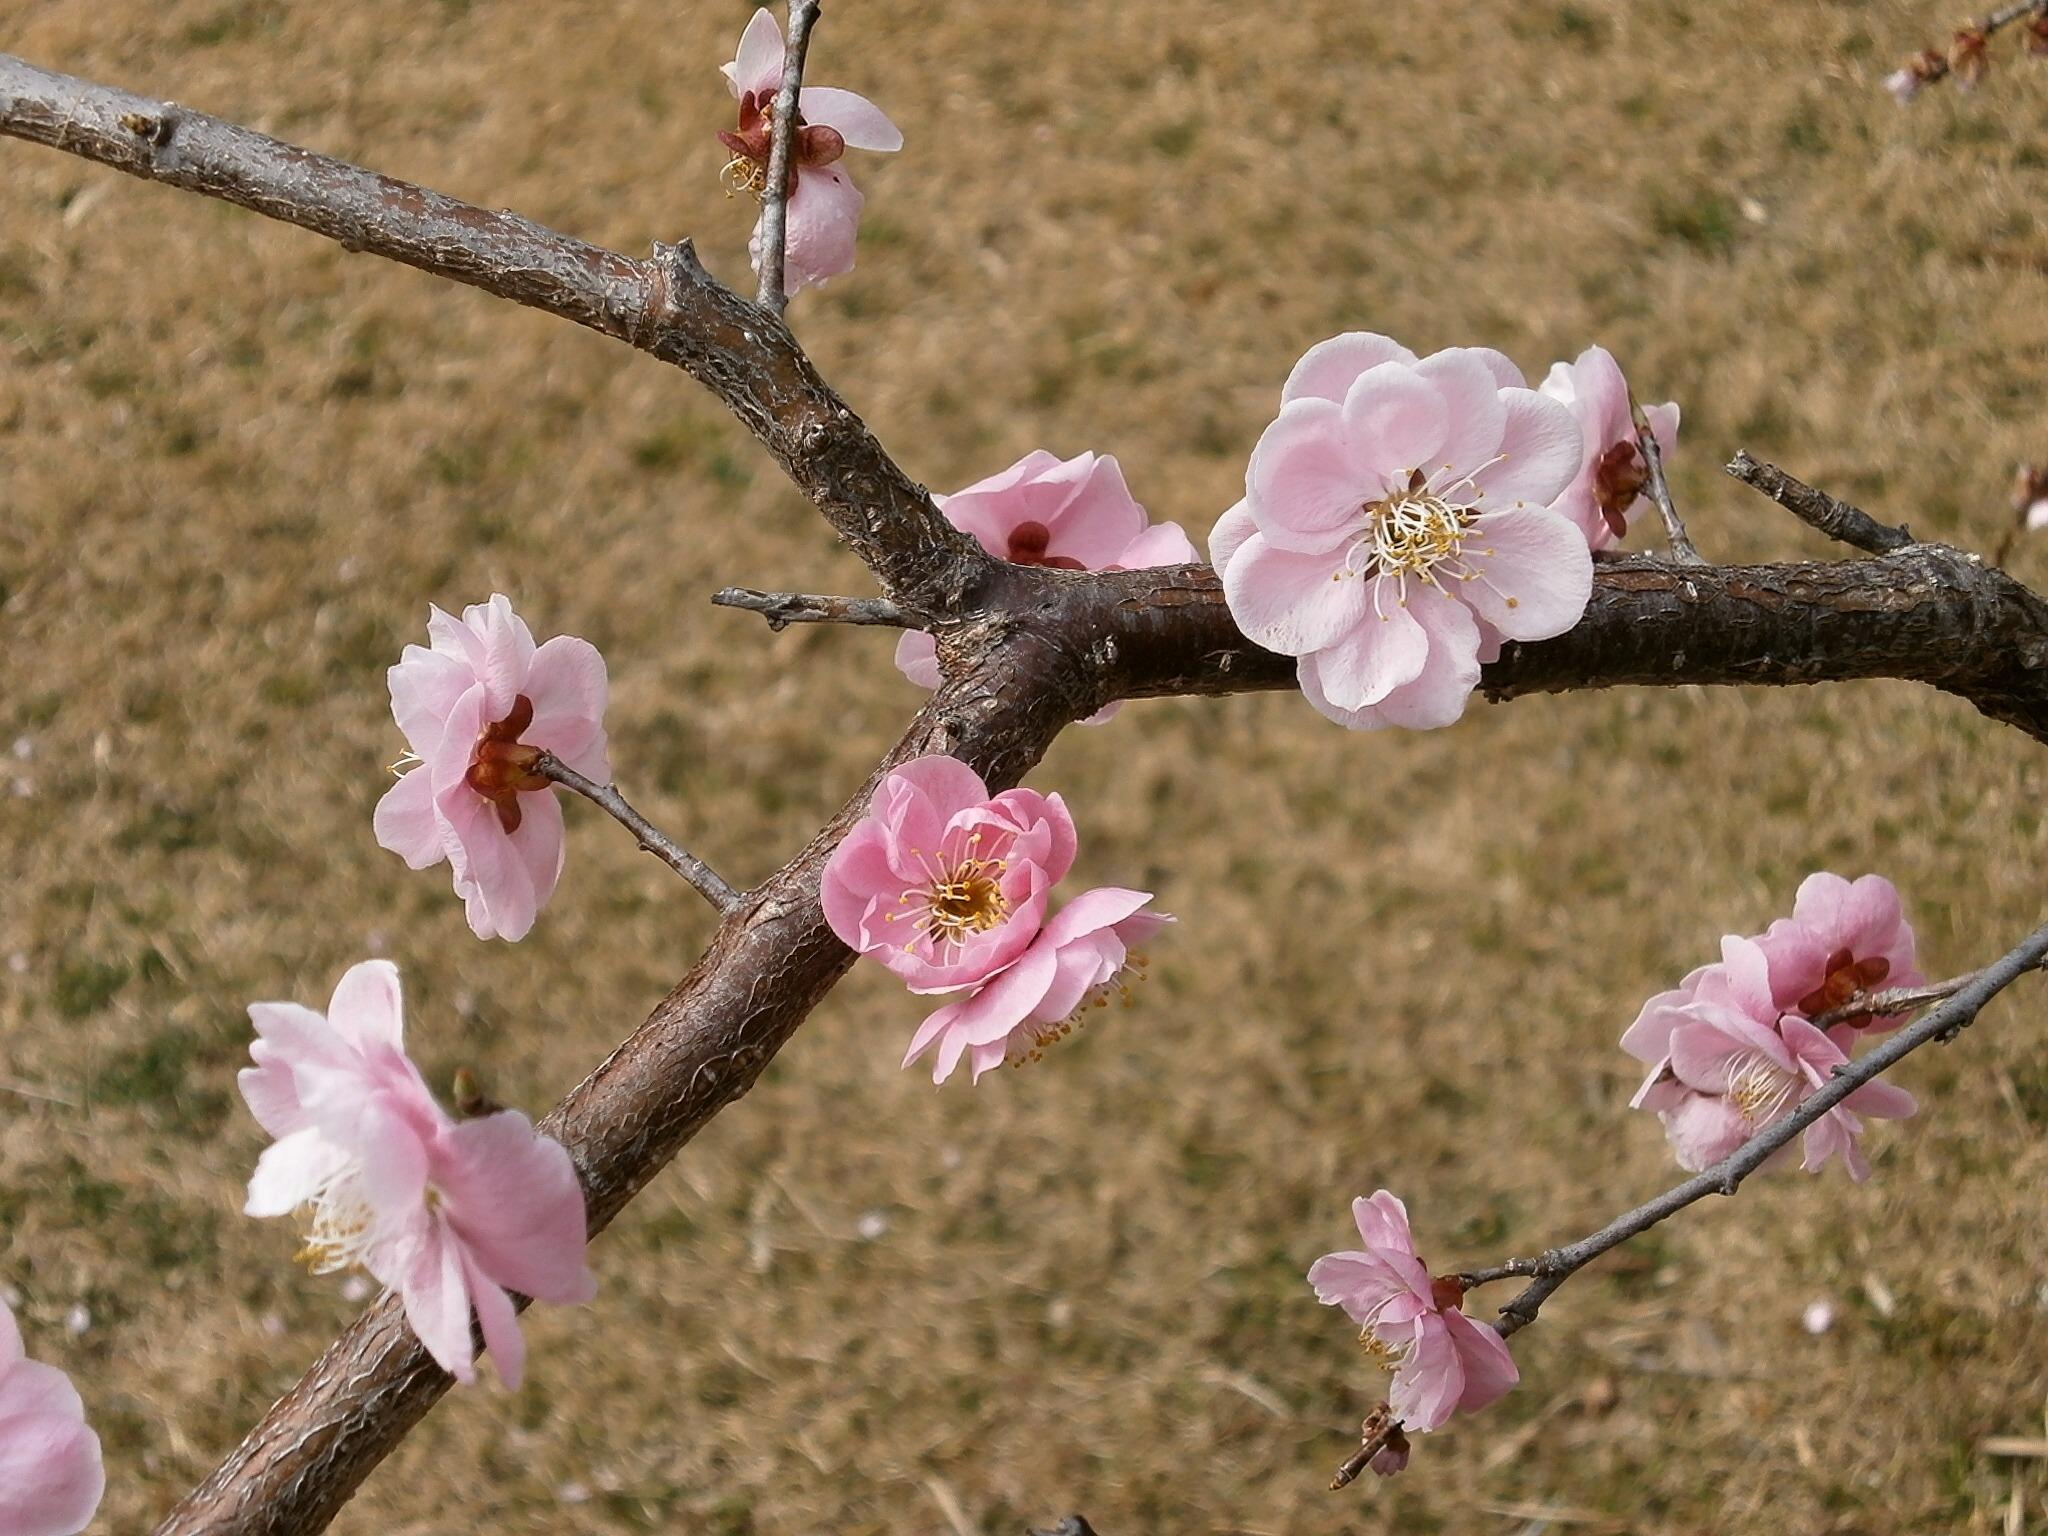 получается фотокартина ветка цветущей розовой сливы придала цвет деликатесу